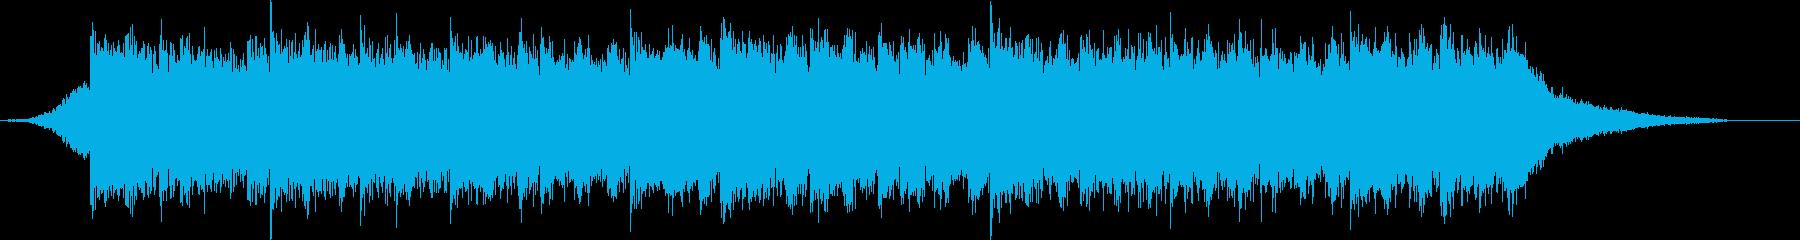 企業VPや映像72、オーケストラ、壮大cの再生済みの波形